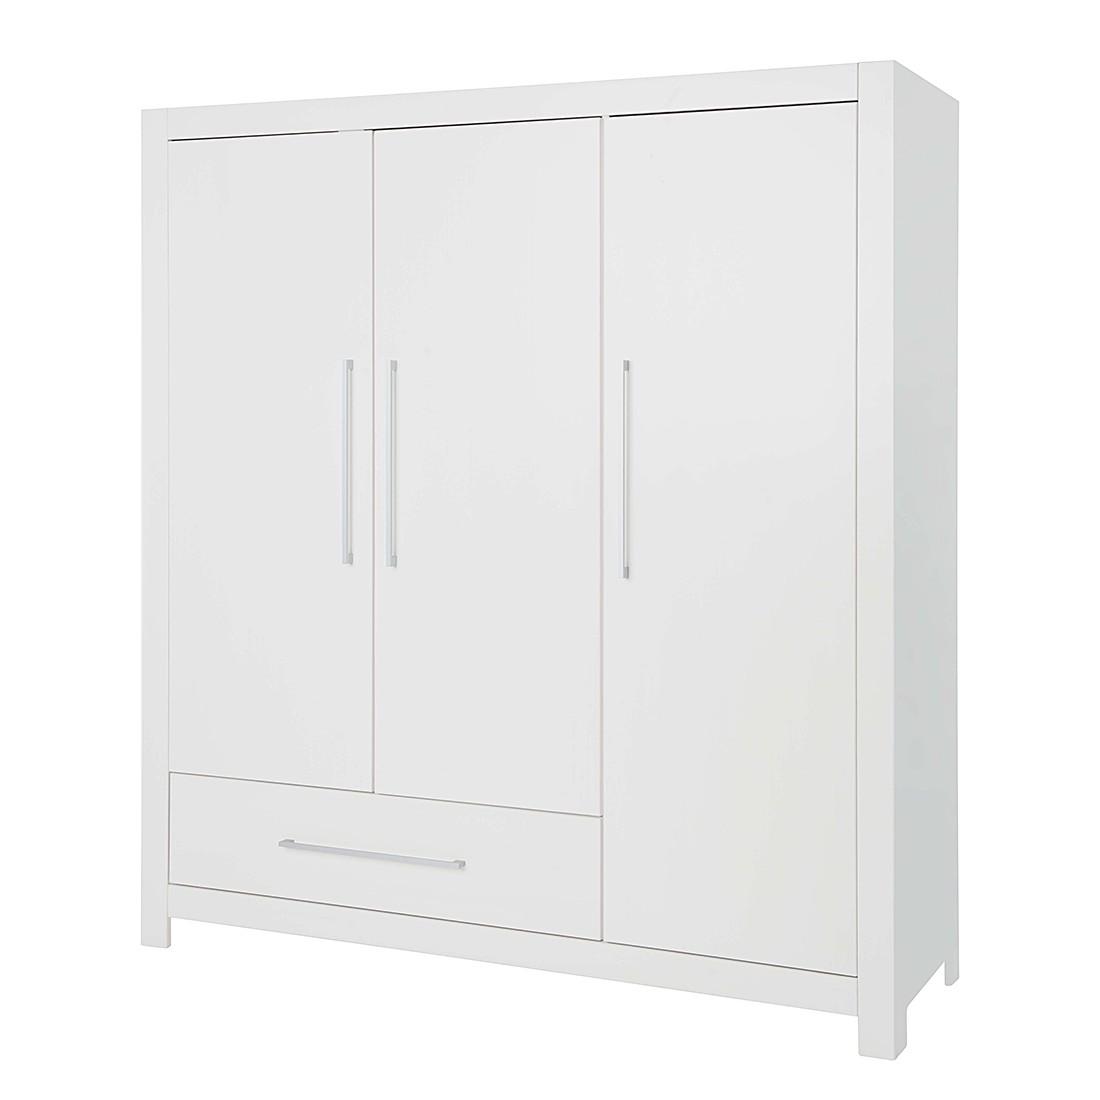 Armoire à vêtements Puro (3 portes) - Sapin - Blanc - Lasuré, Pinolino